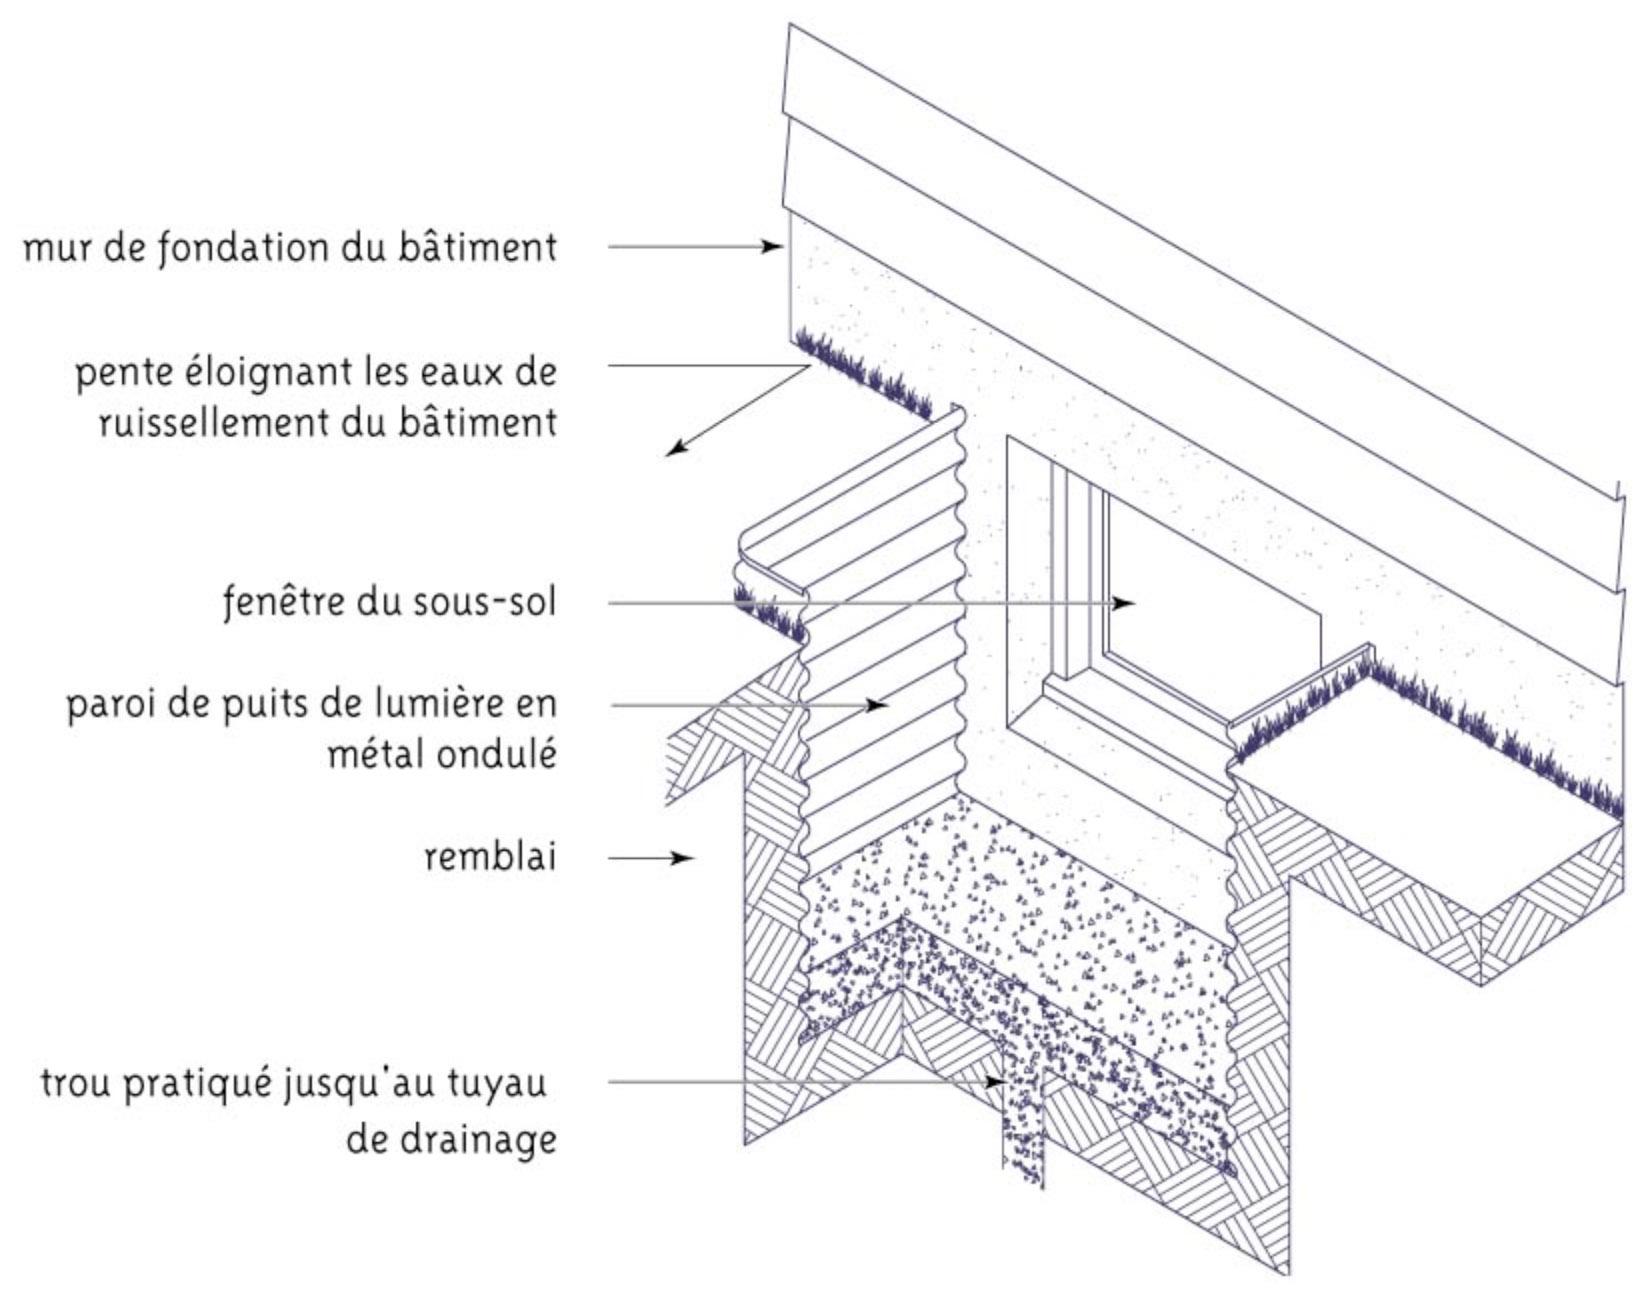 Fenetre De Sous Sol Enterre ces fenêtres de sous-sol trop près du sol - inspecteur d